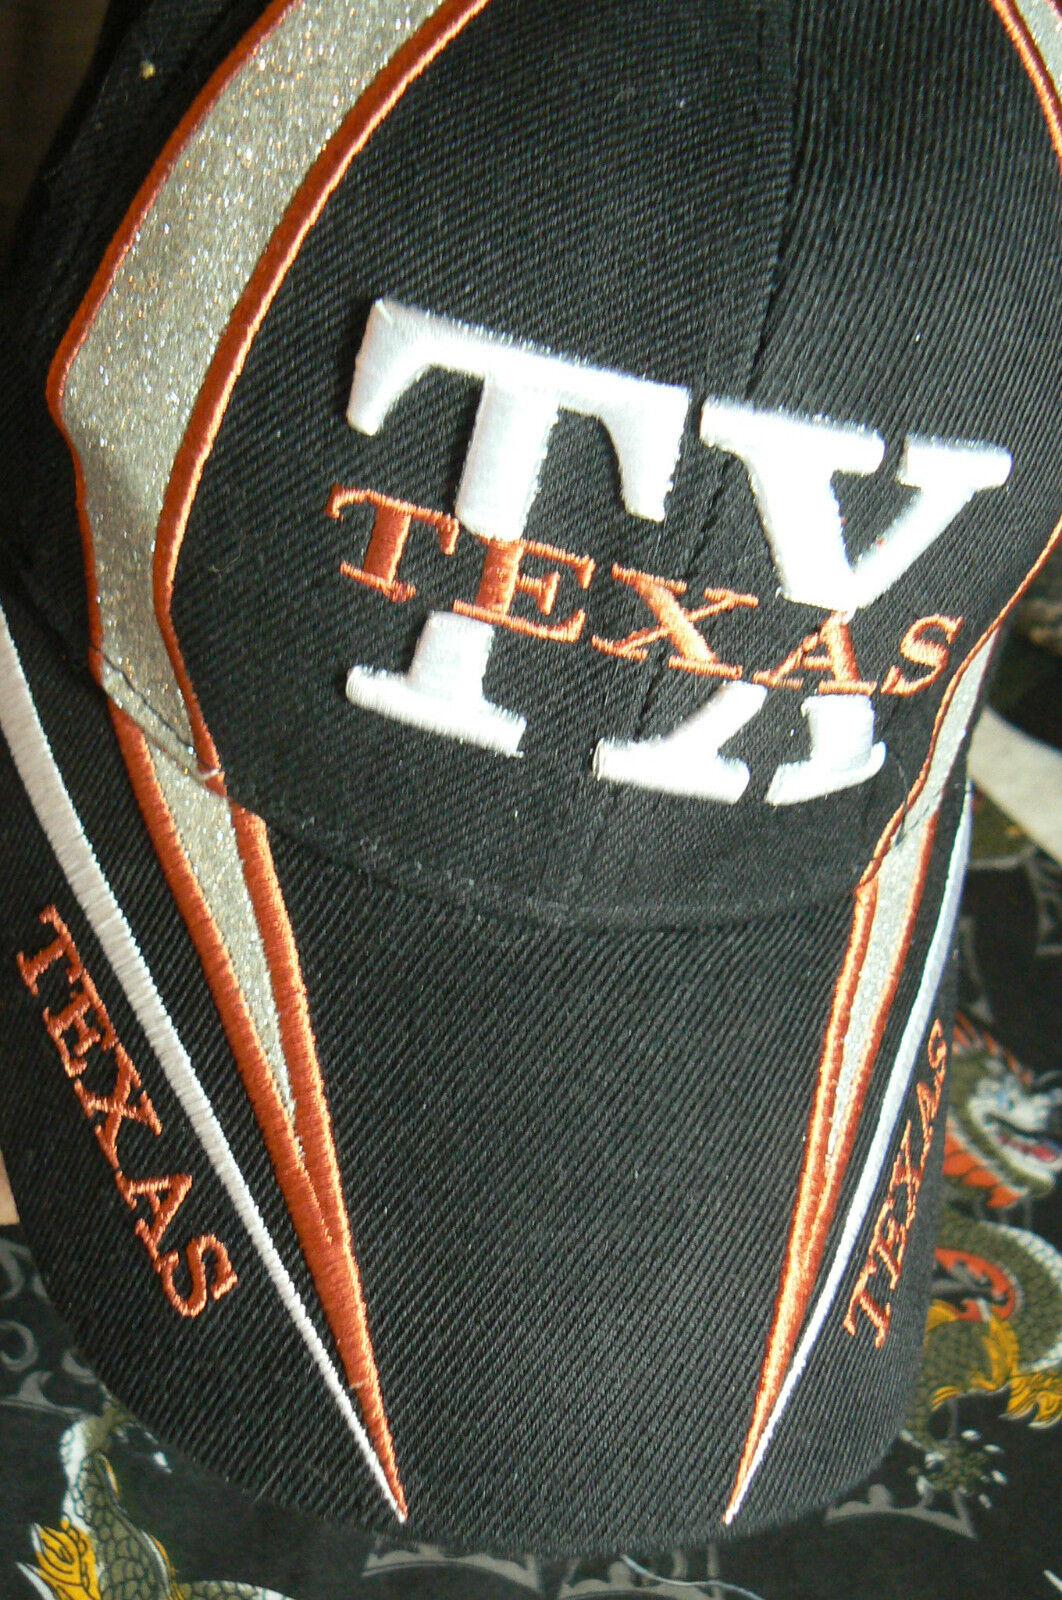 TEXAS 'TXBLACK ADJUSTABLE-ACRYLIC-SUPERB CAP WITH GLITTER by SUNSUN-VELCRO ADJUSTABLE-ACRYLIC-SUPERB 'TXBLACK CND cef569